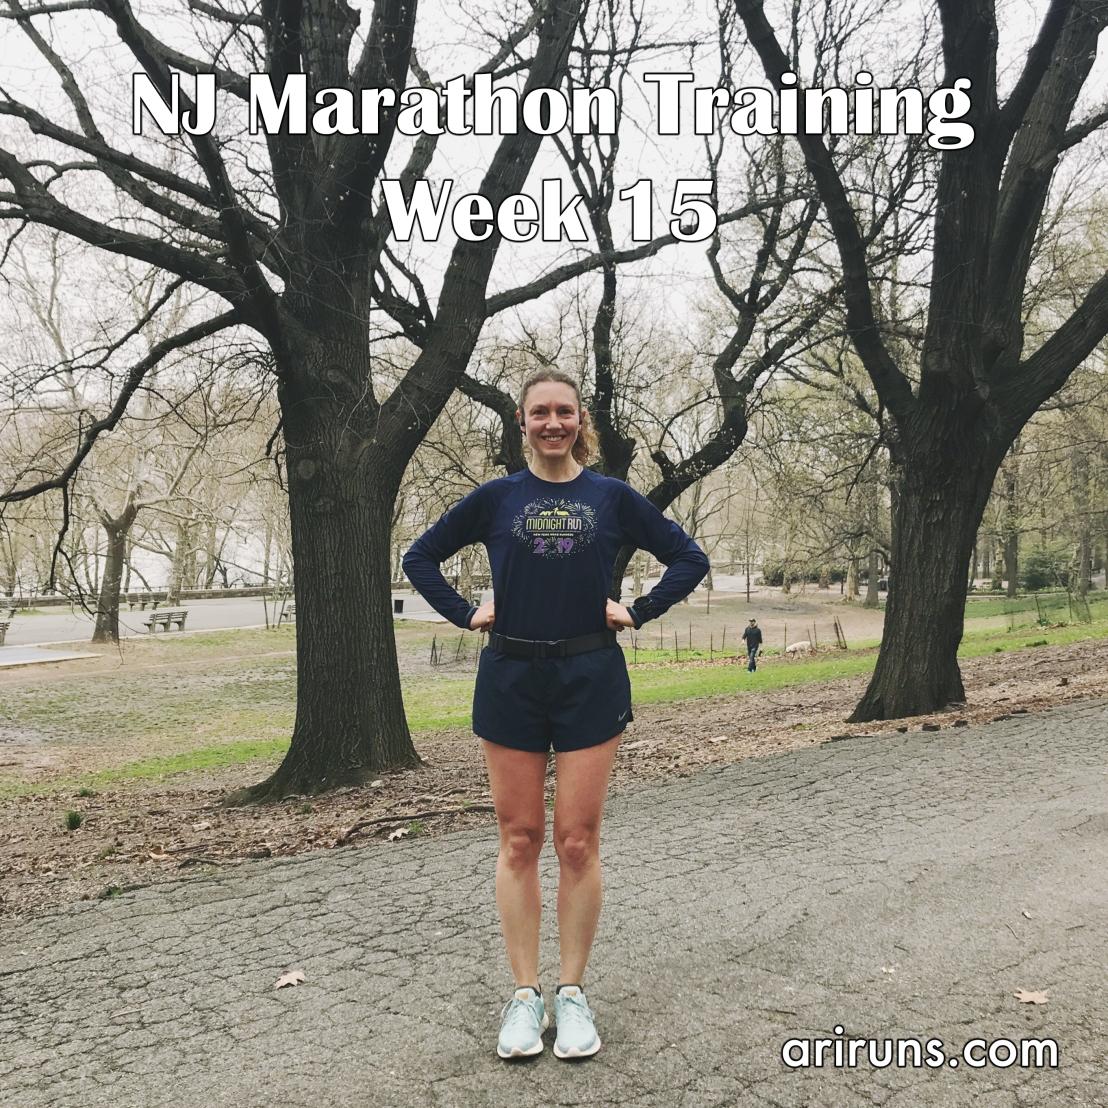 IMG_5089 NJ Marathon Training Week 15